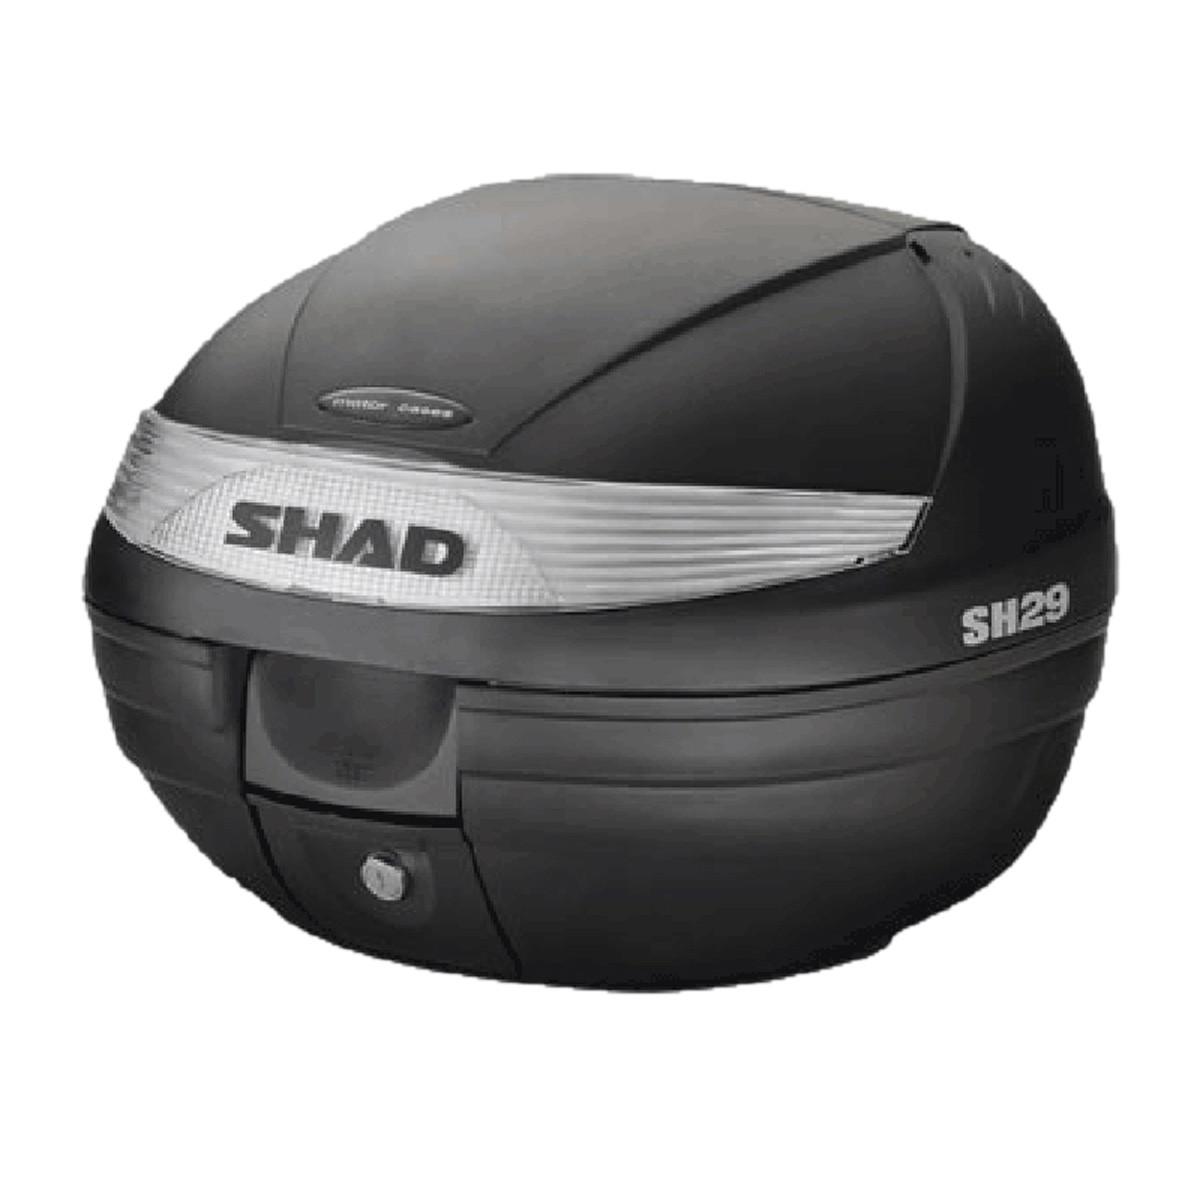 Top Case SHAD SH29 29L Noir